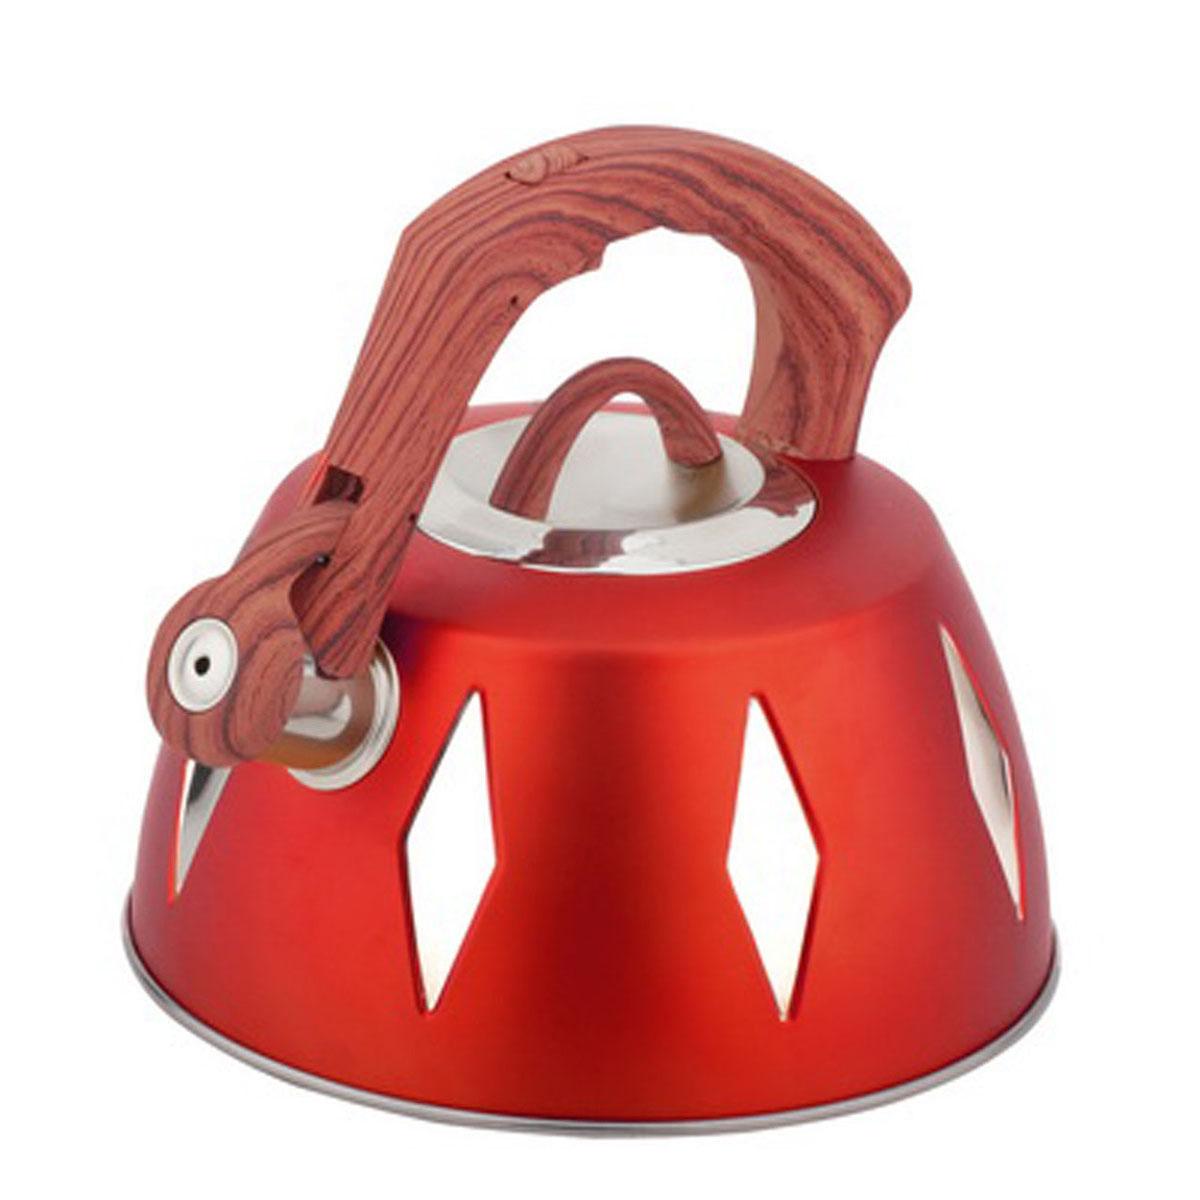 Чайник Bohmann со свистком, 3,5 л, цвет: красный9968BHNEW_красныйЧайник Bohmann изготовлен из высококачественной нержавеющей стали с цветным матовым покрытием. Нержавеющая сталь - материал, из которого в течение нескольких десятилетий во всем мире производятся столовые приборы, кухонные инструменты и различные аксессуары. Этот материал обладает высокой стойкостью к коррозии и кислотам. Прочность, долговечность и надежность этого материала, а также первоклассная обработка обеспечивают практически неограниченный запас прочности и неизменно привлекательный внешний вид. Капсульное дно позволяет изделию быстро нагреваться и дольше сохранять тепло. Чайник оснащен фиксированной прорезиненной цветной ручкой, что предотвращает появление ожогов и обеспечивает безопасность использования. Носик чайника имеет откидной свисток, который подскажет, когда вода закипела. Можно использовать на газовых, электрических, галогенных, стеклокерамических, индукционных плитах. Можно мыть в посудомоечной машине. Высота чайника (без учета ручки и крышки): 11,2 см. Высота чайника (с учетом ручки): 20 см. Диаметр основания чайника: 22,3 см. Диаметр чайника (по верхнему краю): 9,5 см.